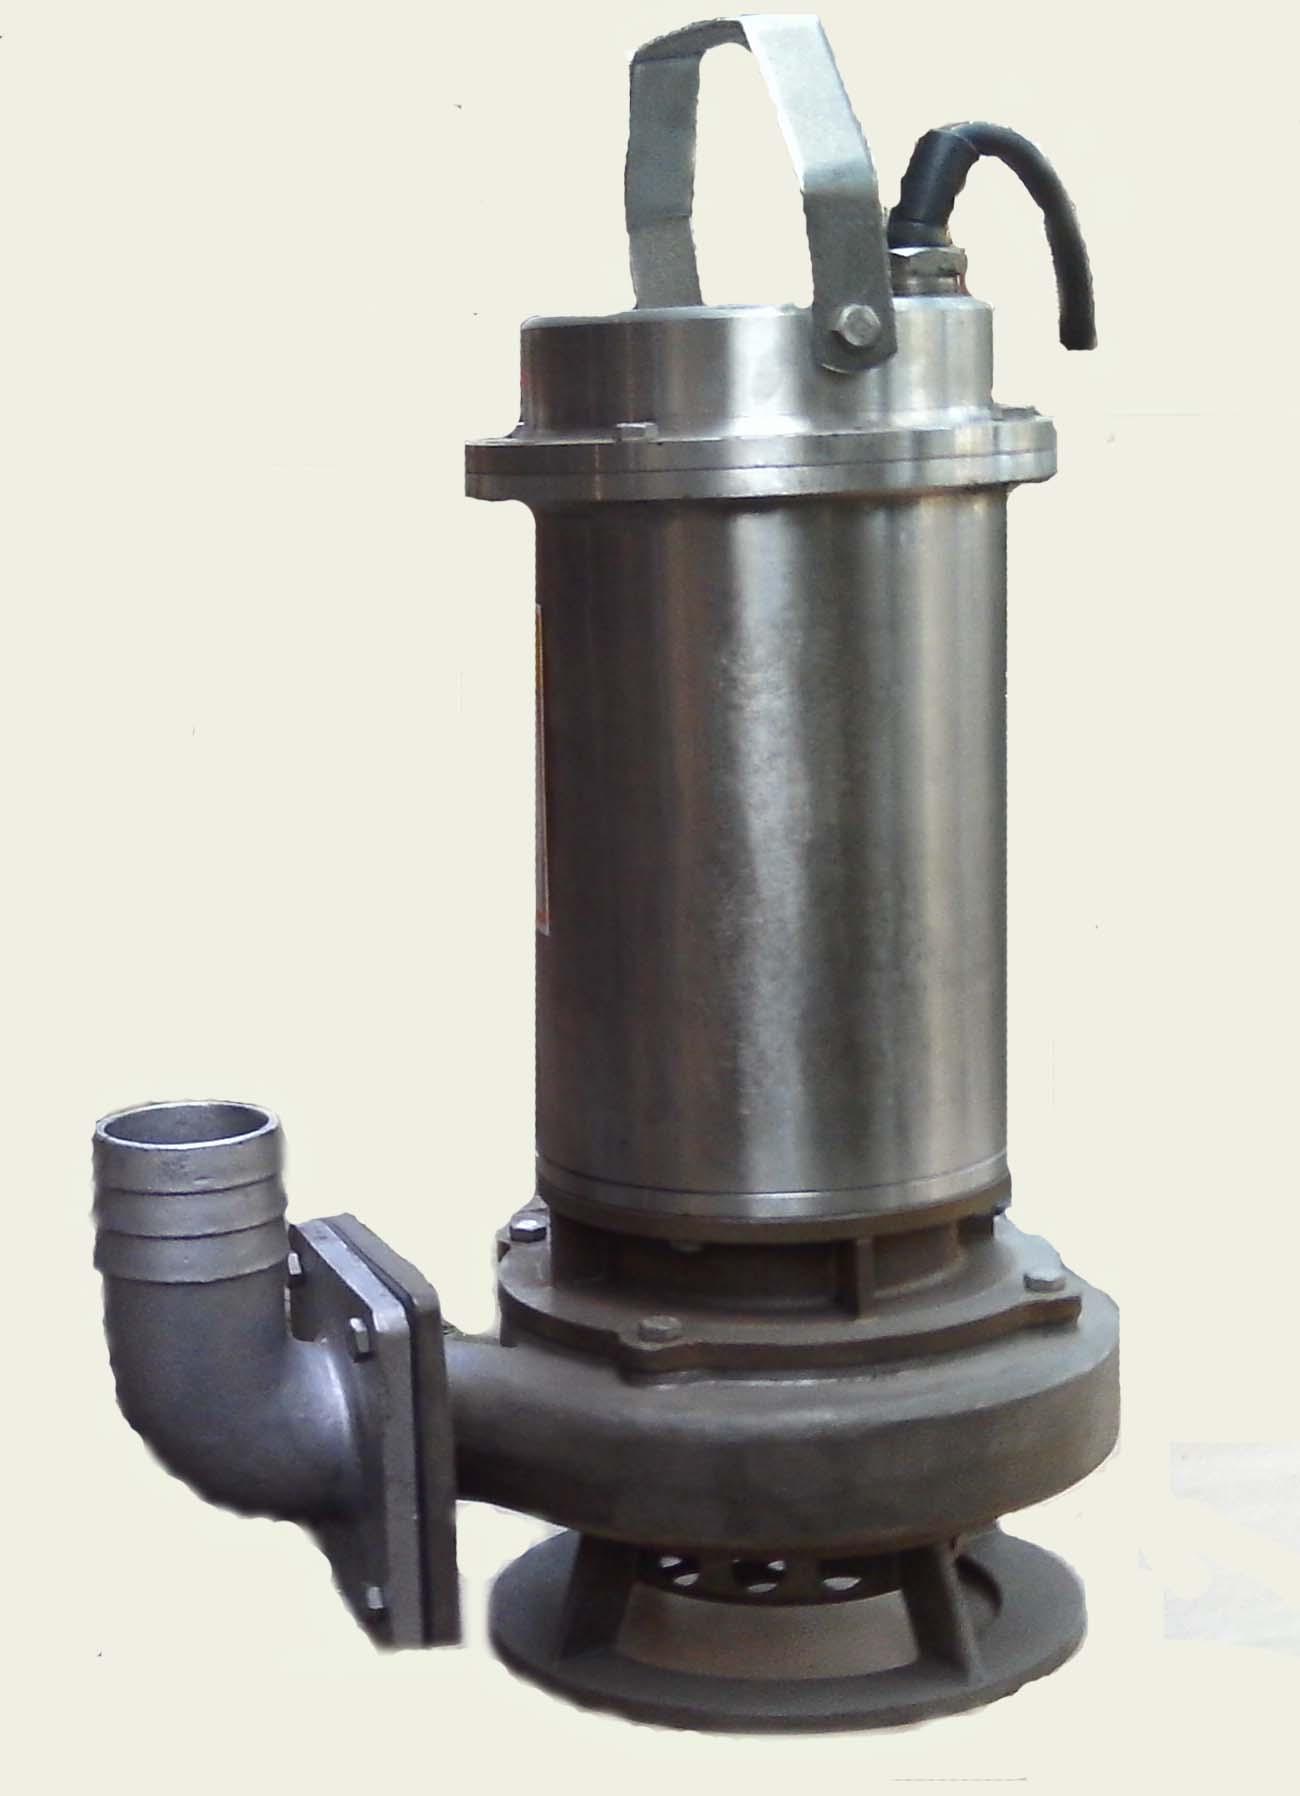 胶泵中使用橡胶护套,金属叶轮,既可以达到金属泵的高压高效,又可以充分发挥橡胶材质的抗腐蚀性。在处理城市污水时,一般都会在污水处理池前,都会加一个过滤网,将纤维缠绕物等拦在泵的吸入口之前,使得不能进入泵腔,从而使得泵能够更好的工作,寿命更长。